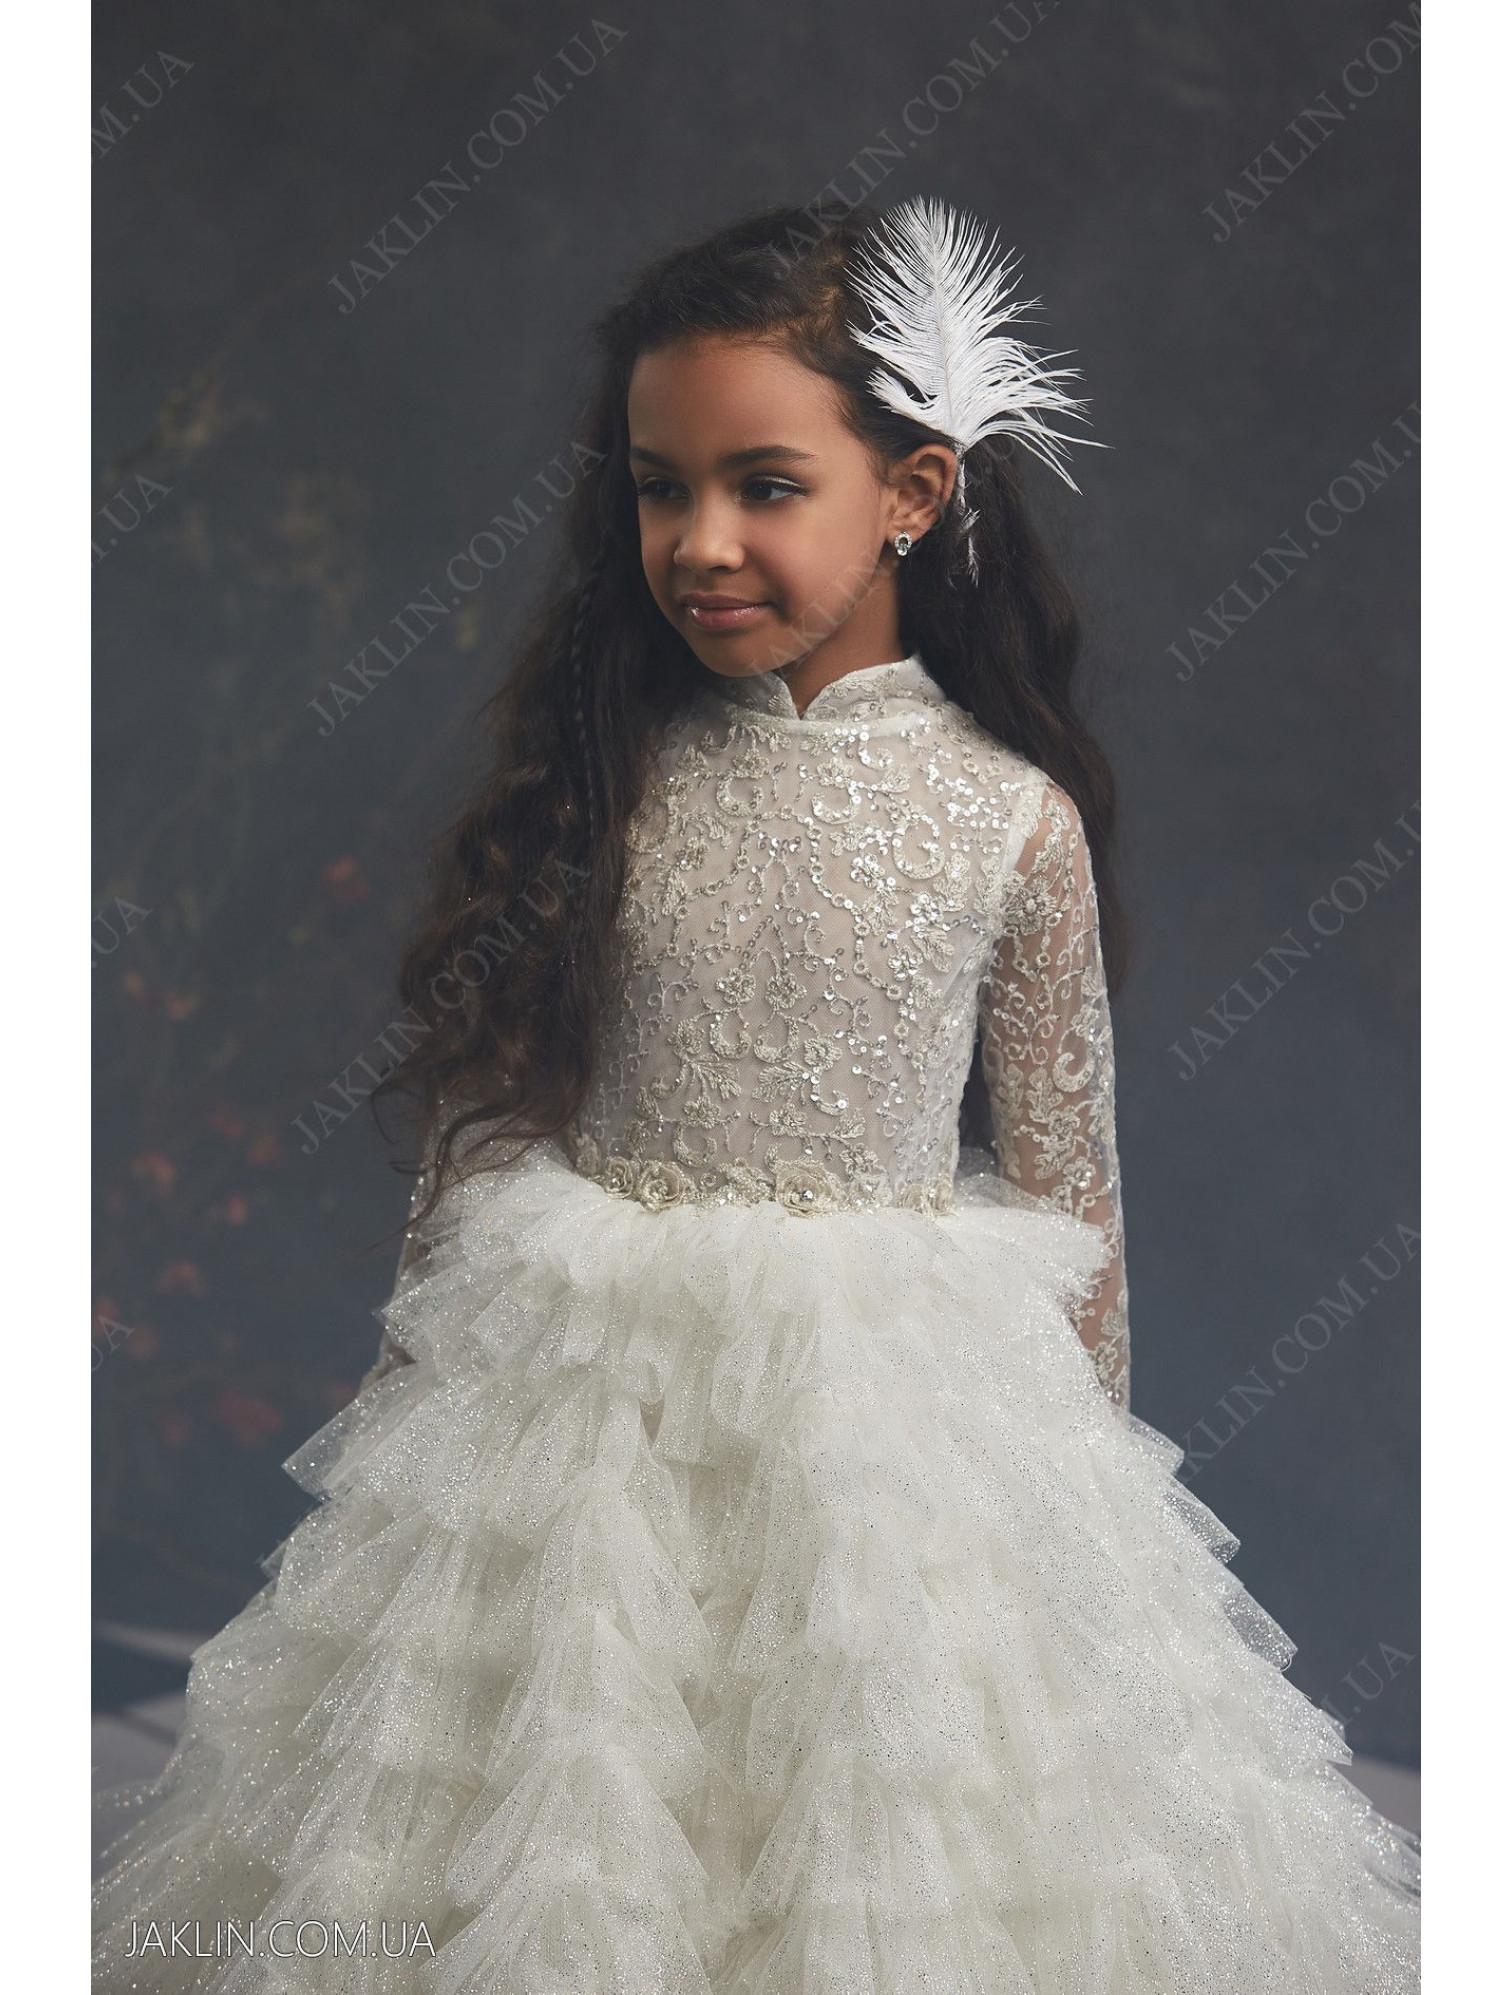 Дитяча сукня 3012